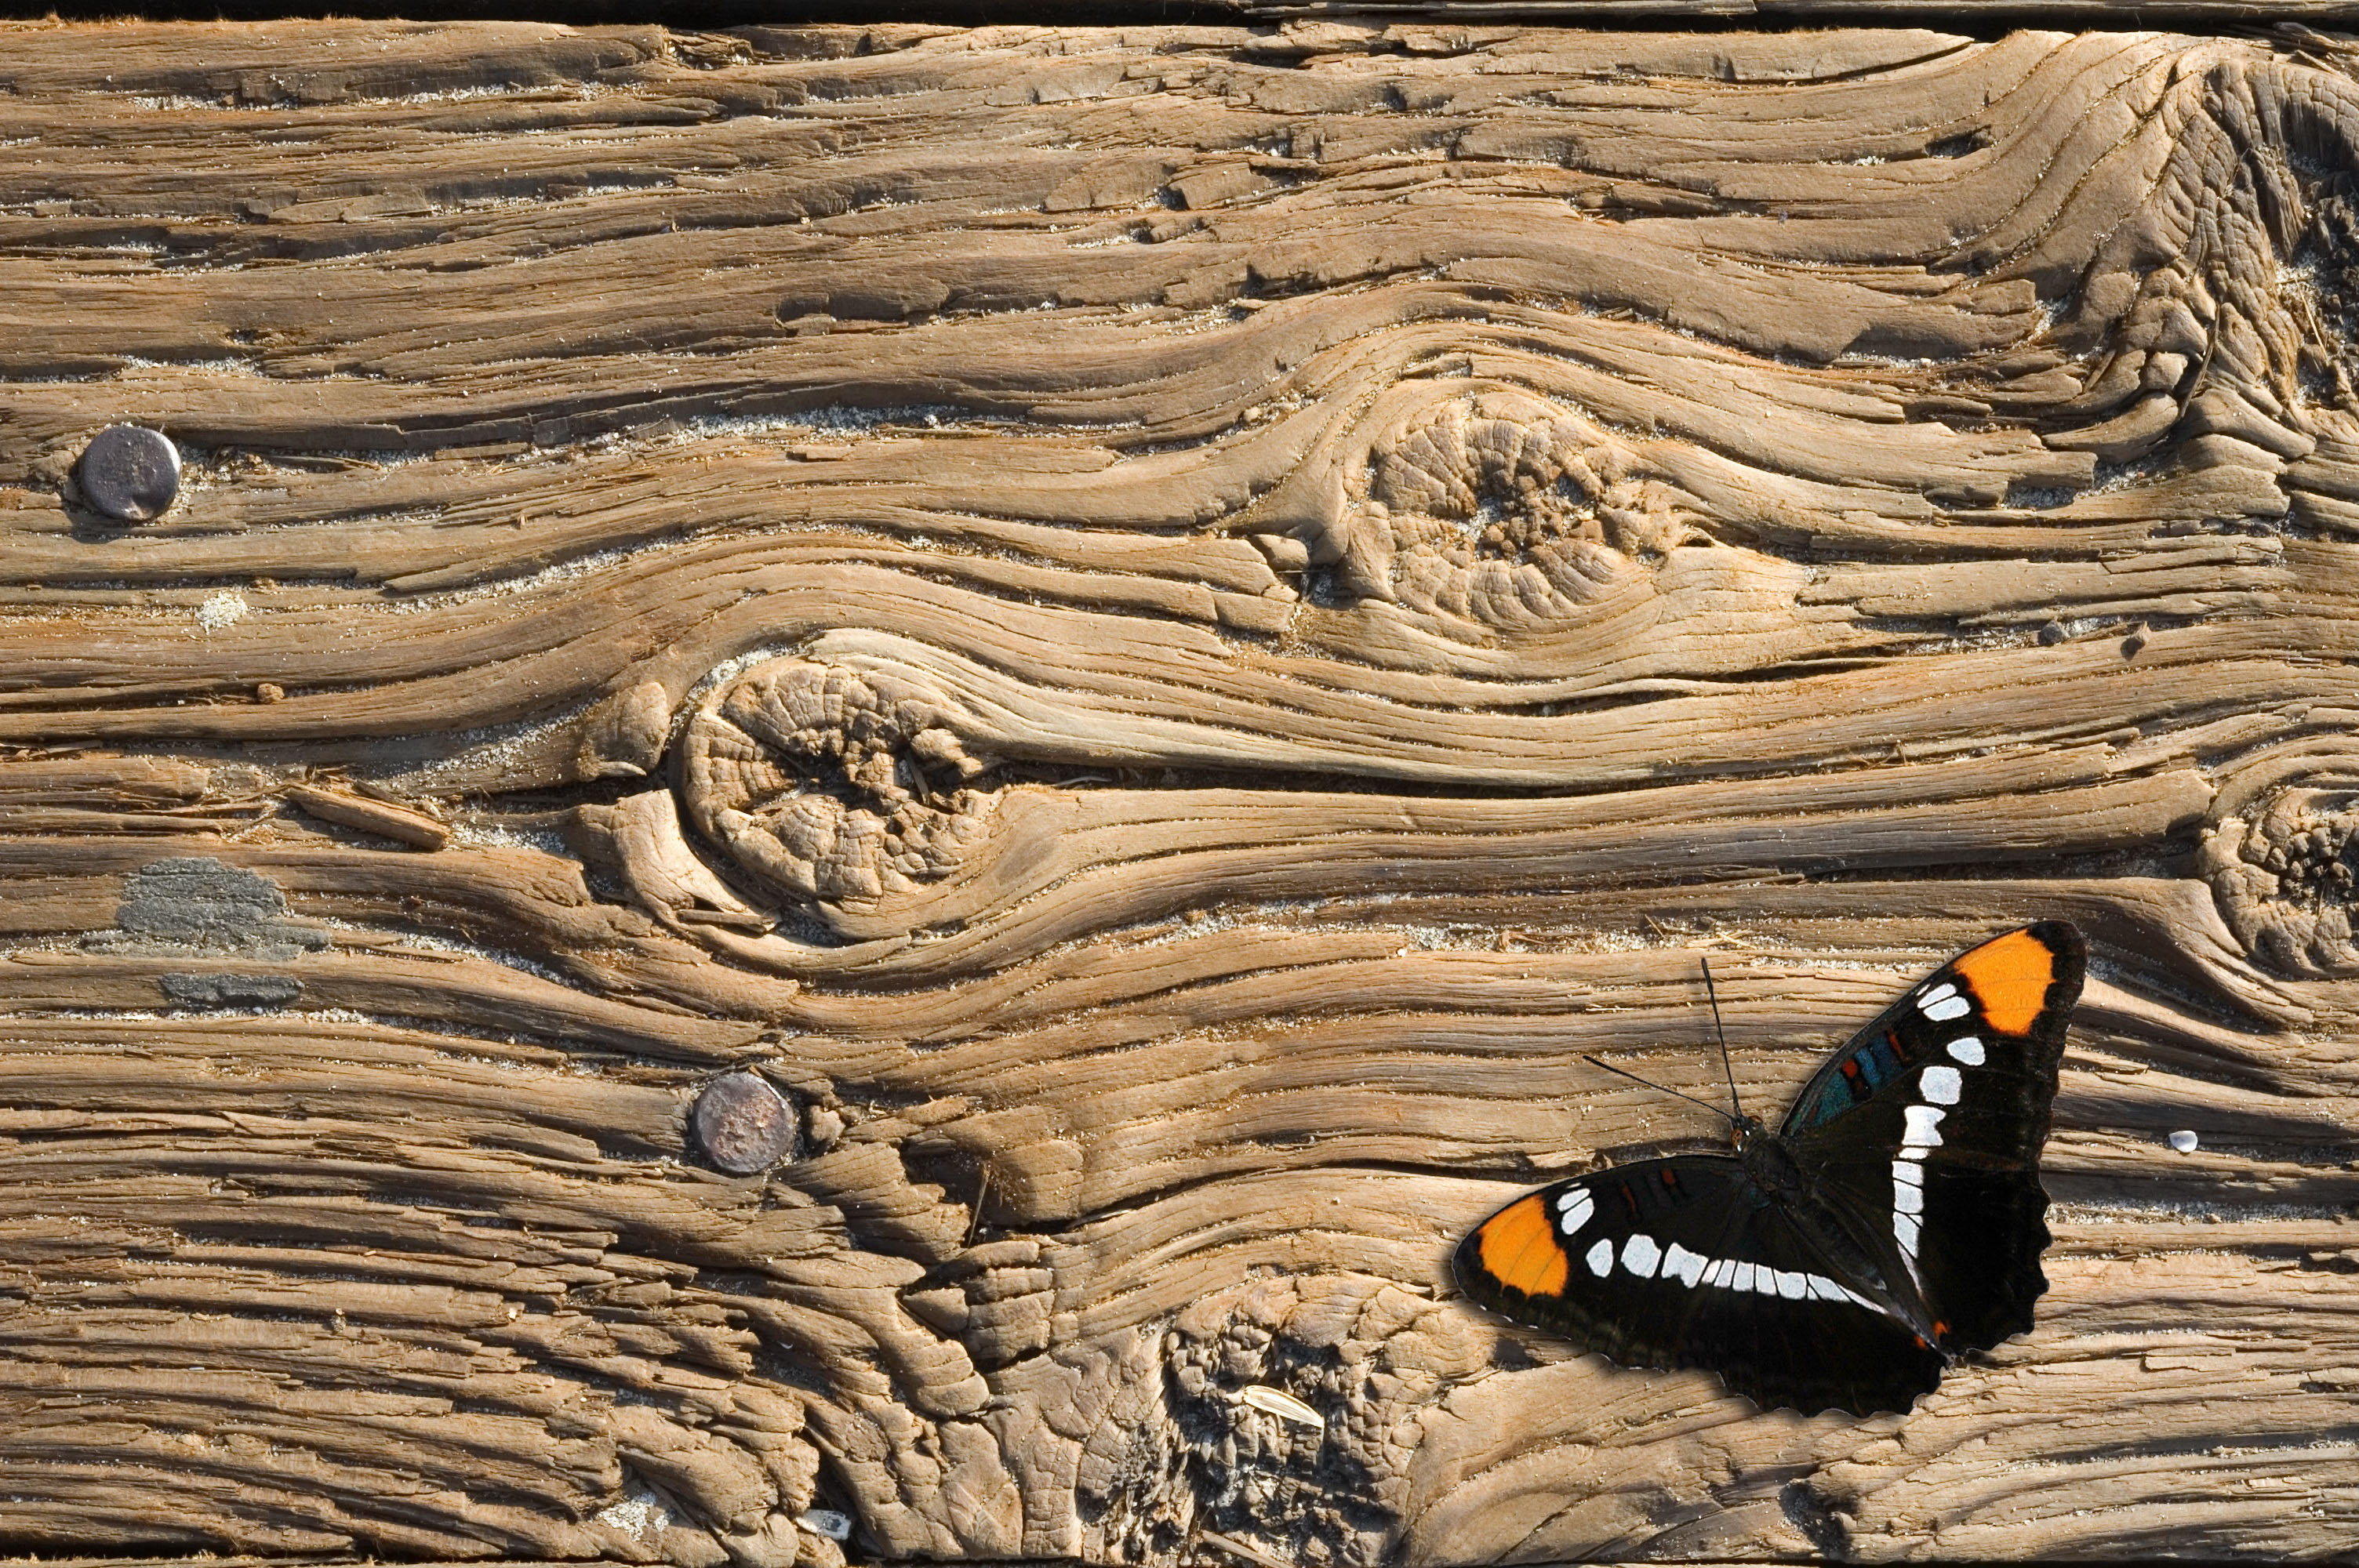 Vendita legno antico di recupero parquet tavole assi - Vendita tavole di legno ...